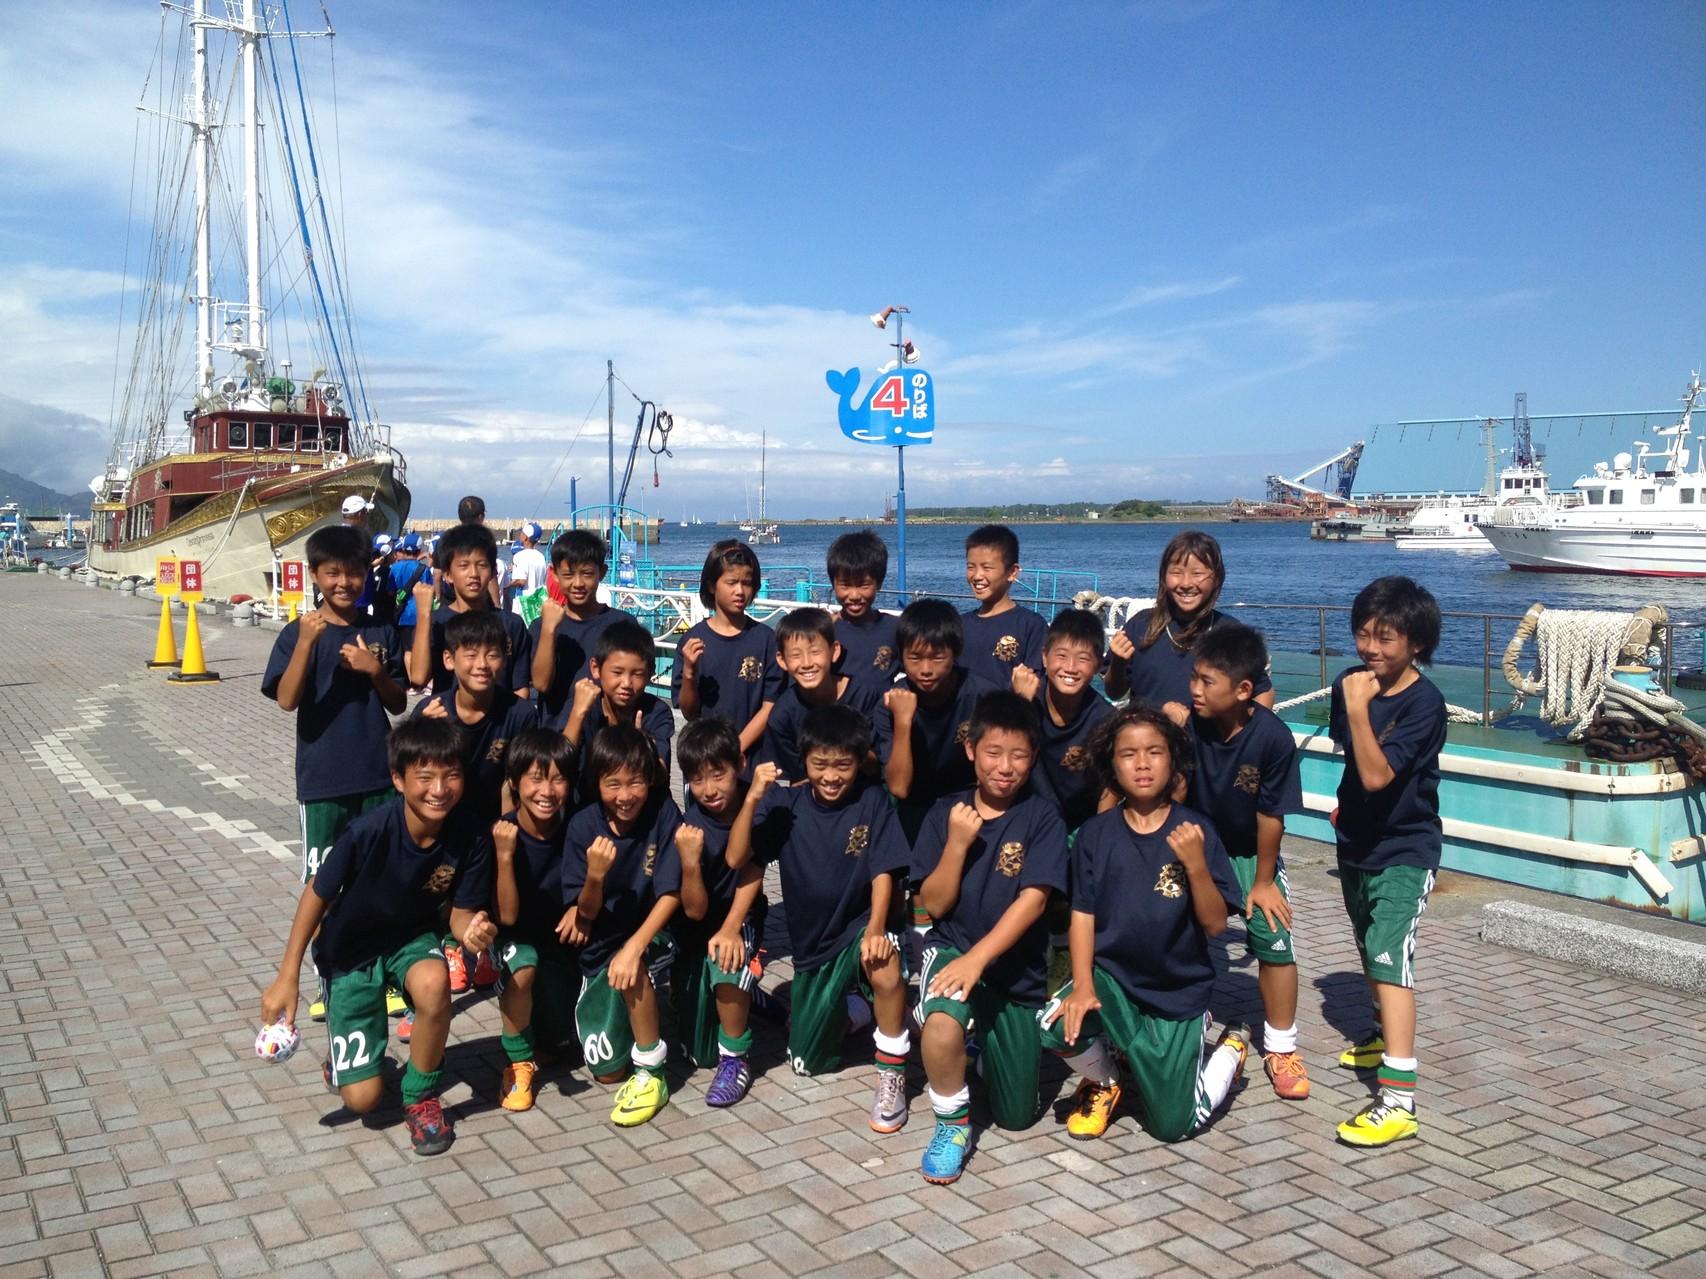 清水カップ U-12(6年生)清水港にて